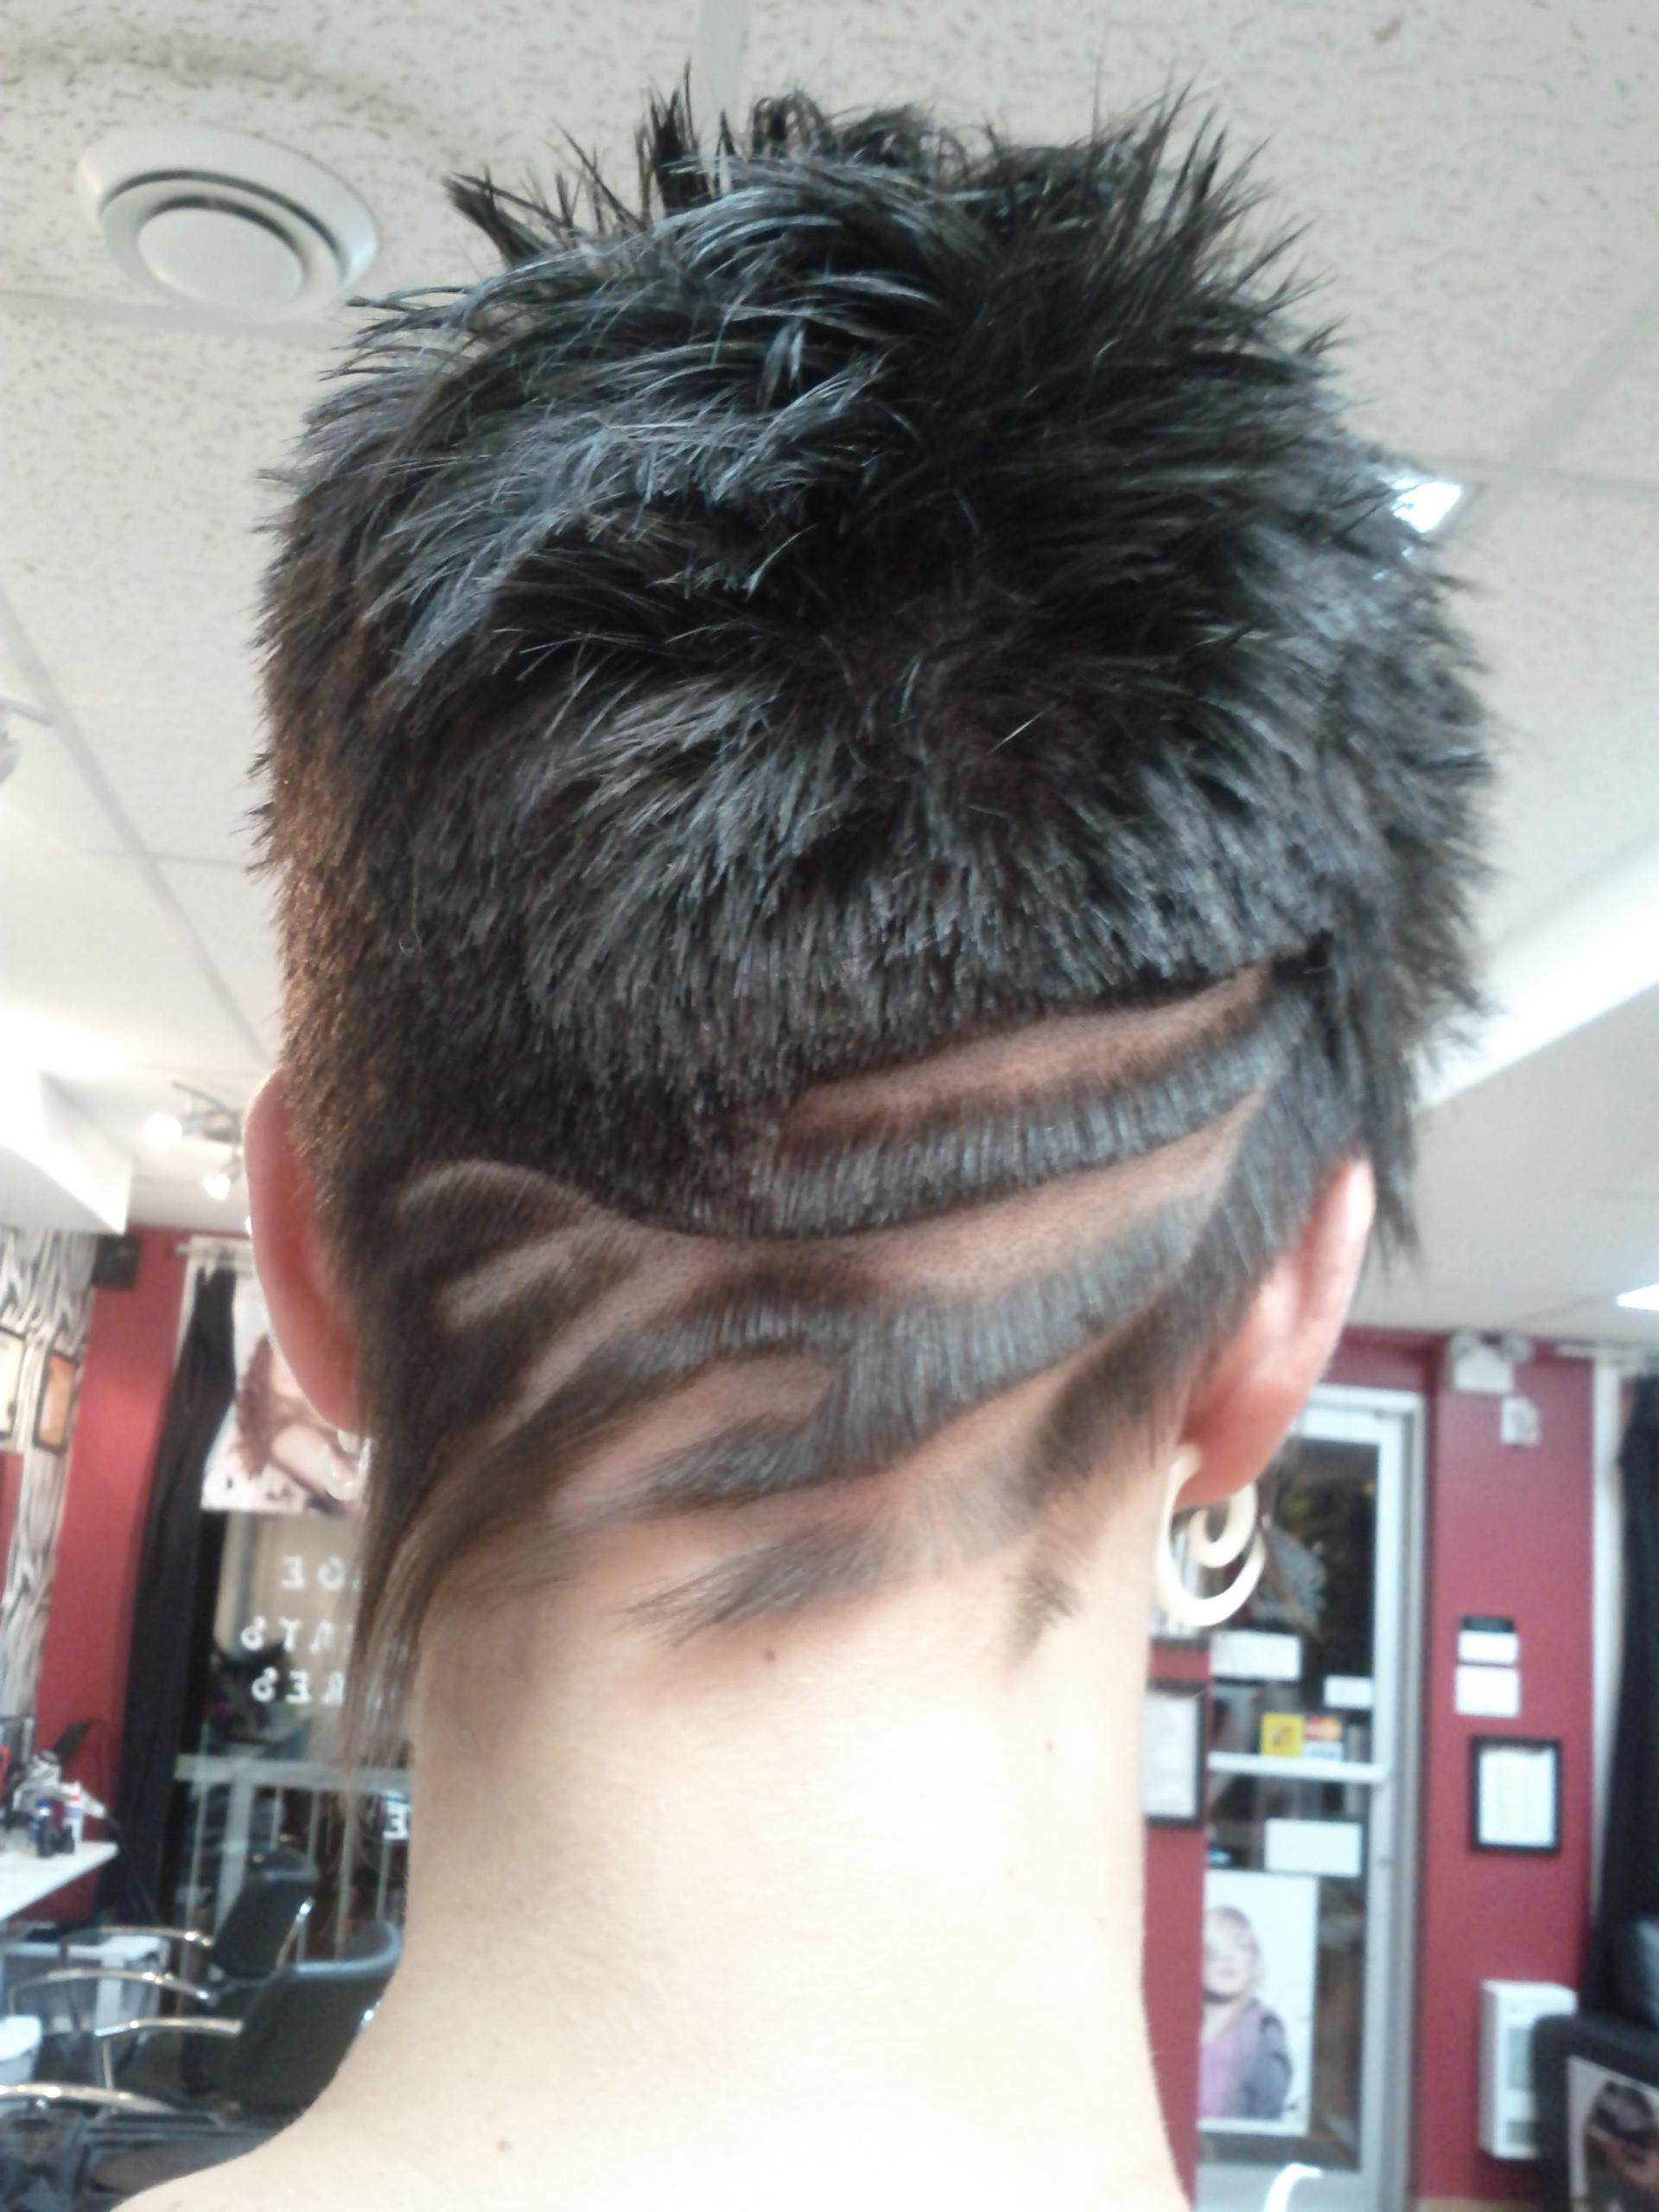 Coiffure tribale femme nuque rjo coiffure salon de for Coupe de cheveux tribal etoile